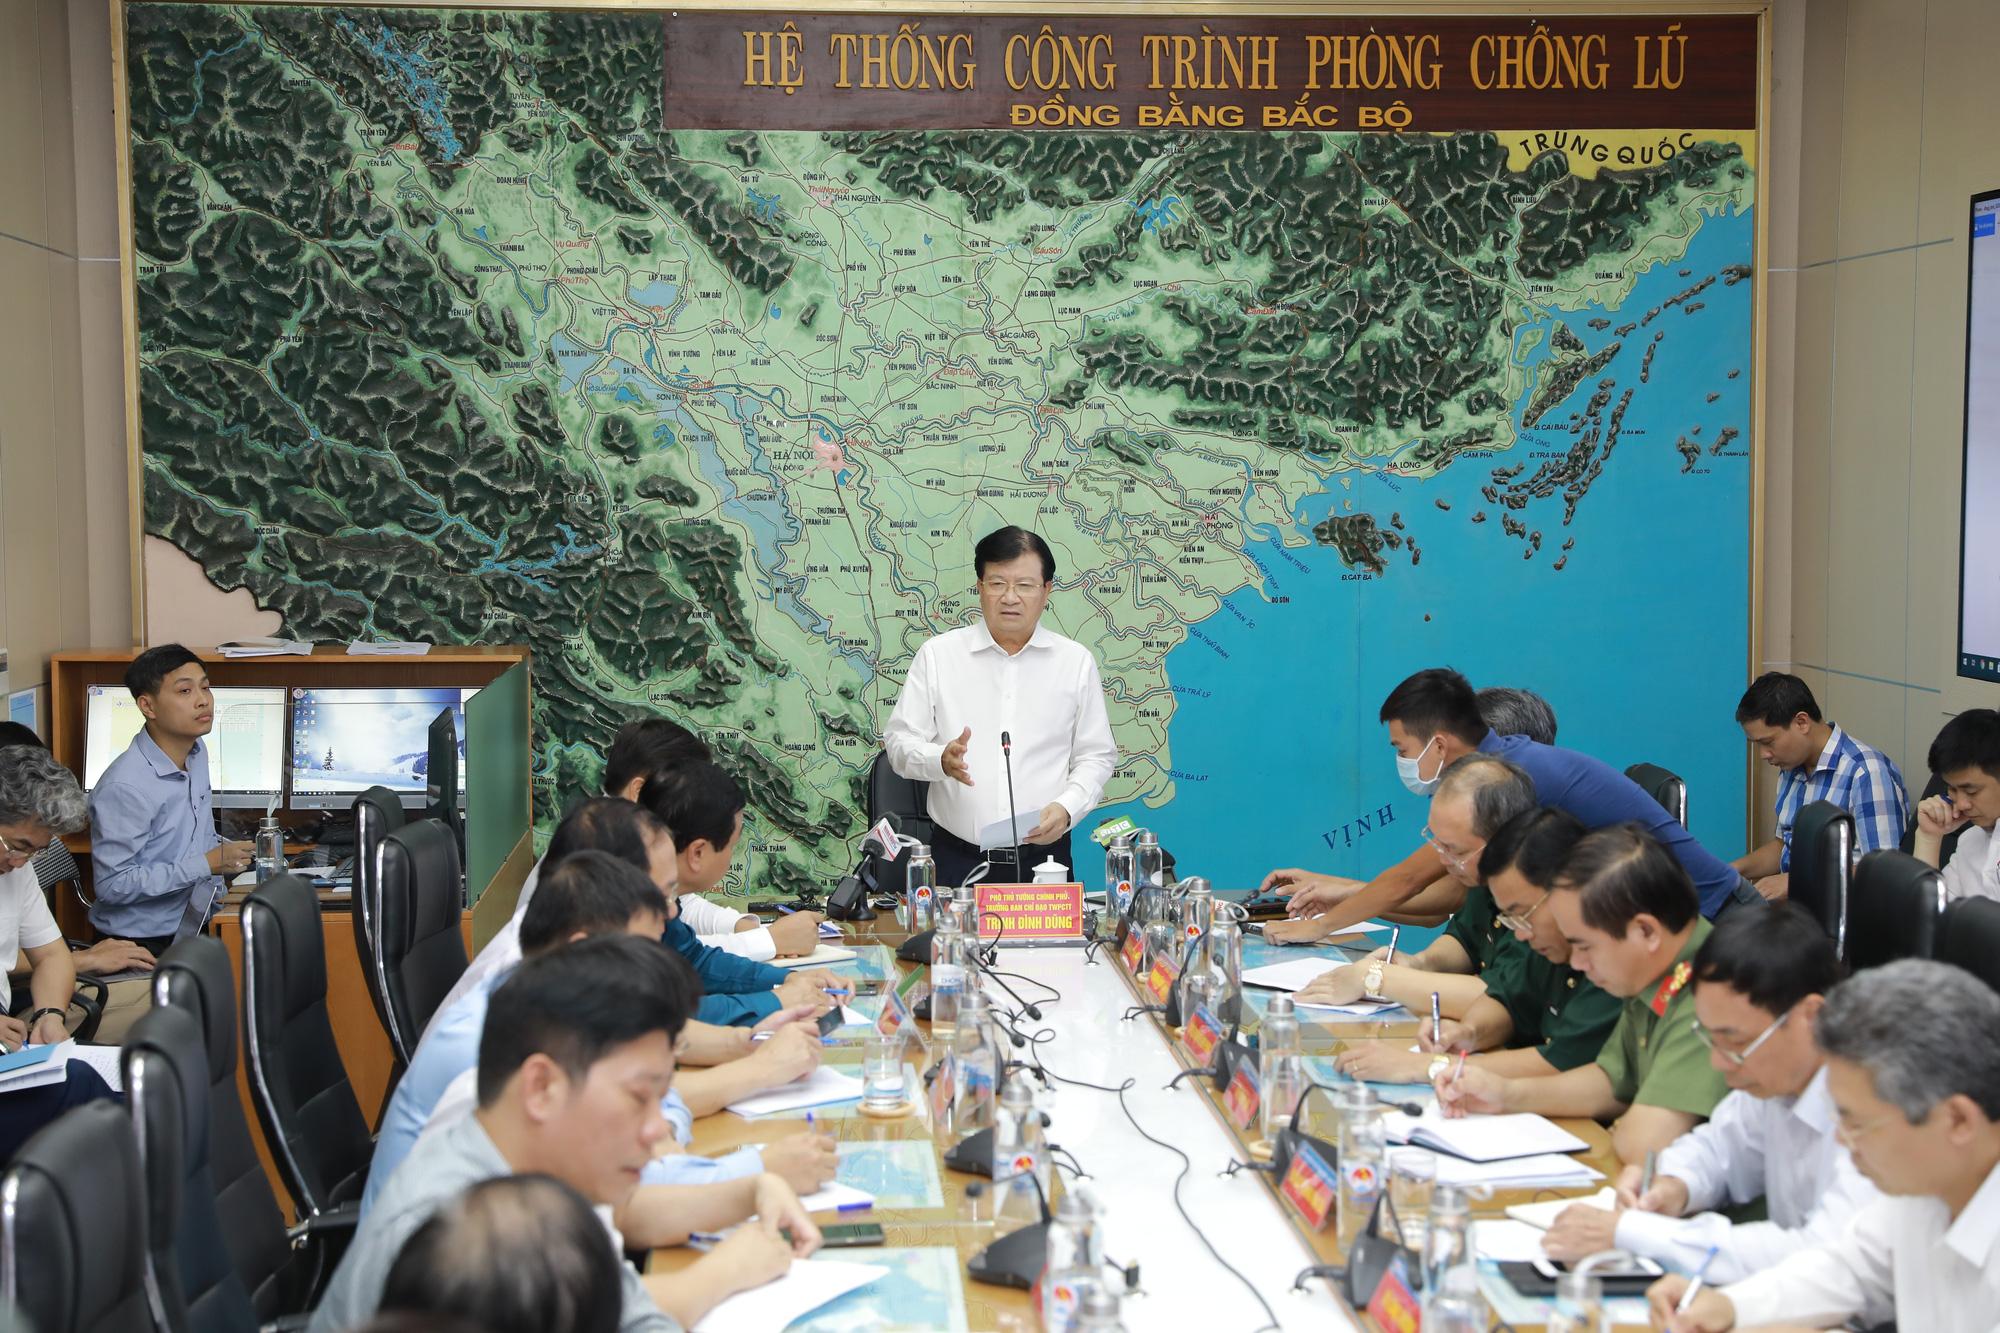 Bão số 5 được dự báo rất lớn, giật cấp 13, Phó Thủ tướng Trịnh Đình Dũng chỉ đạo nóng - Ảnh 1.